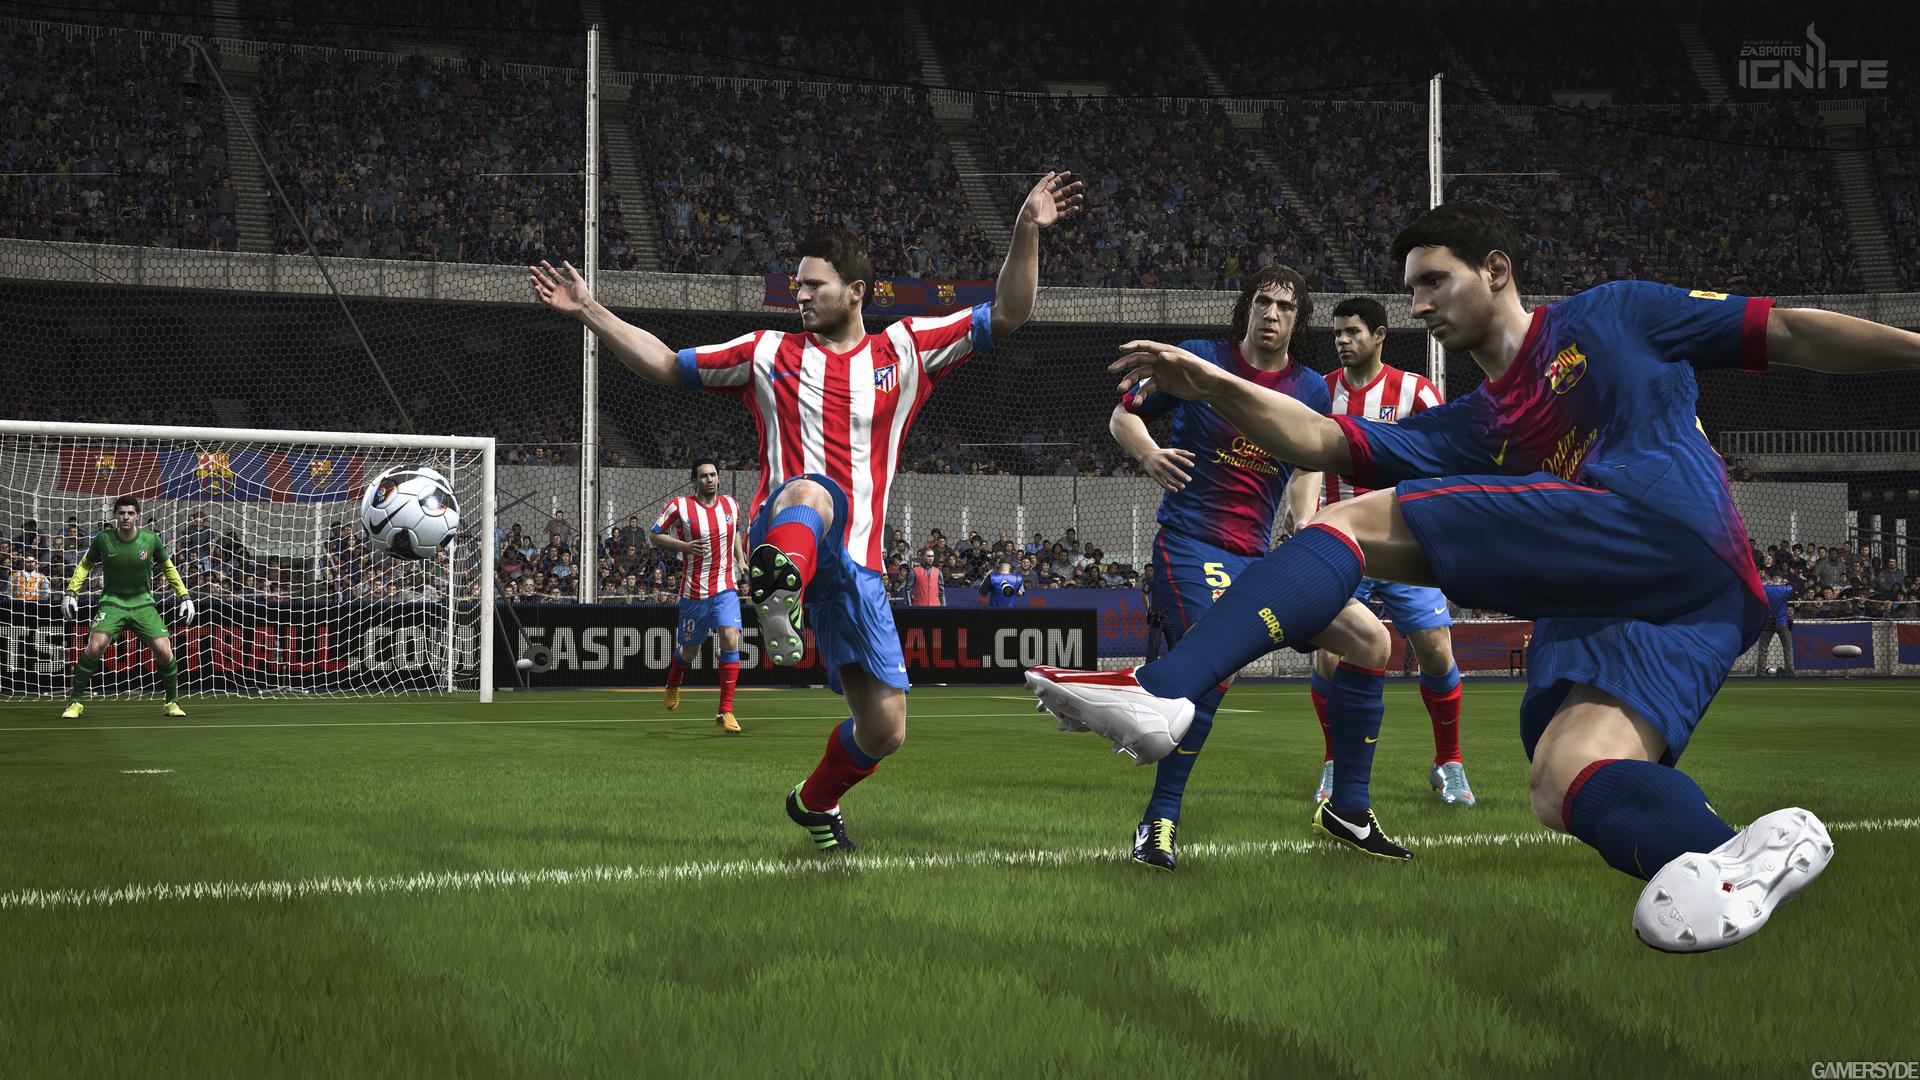 image fifa 14 22295 2705 0003 E3 2013:سه تصویر جدید از عنوان ورزشی FIFA 14 منتشر شد